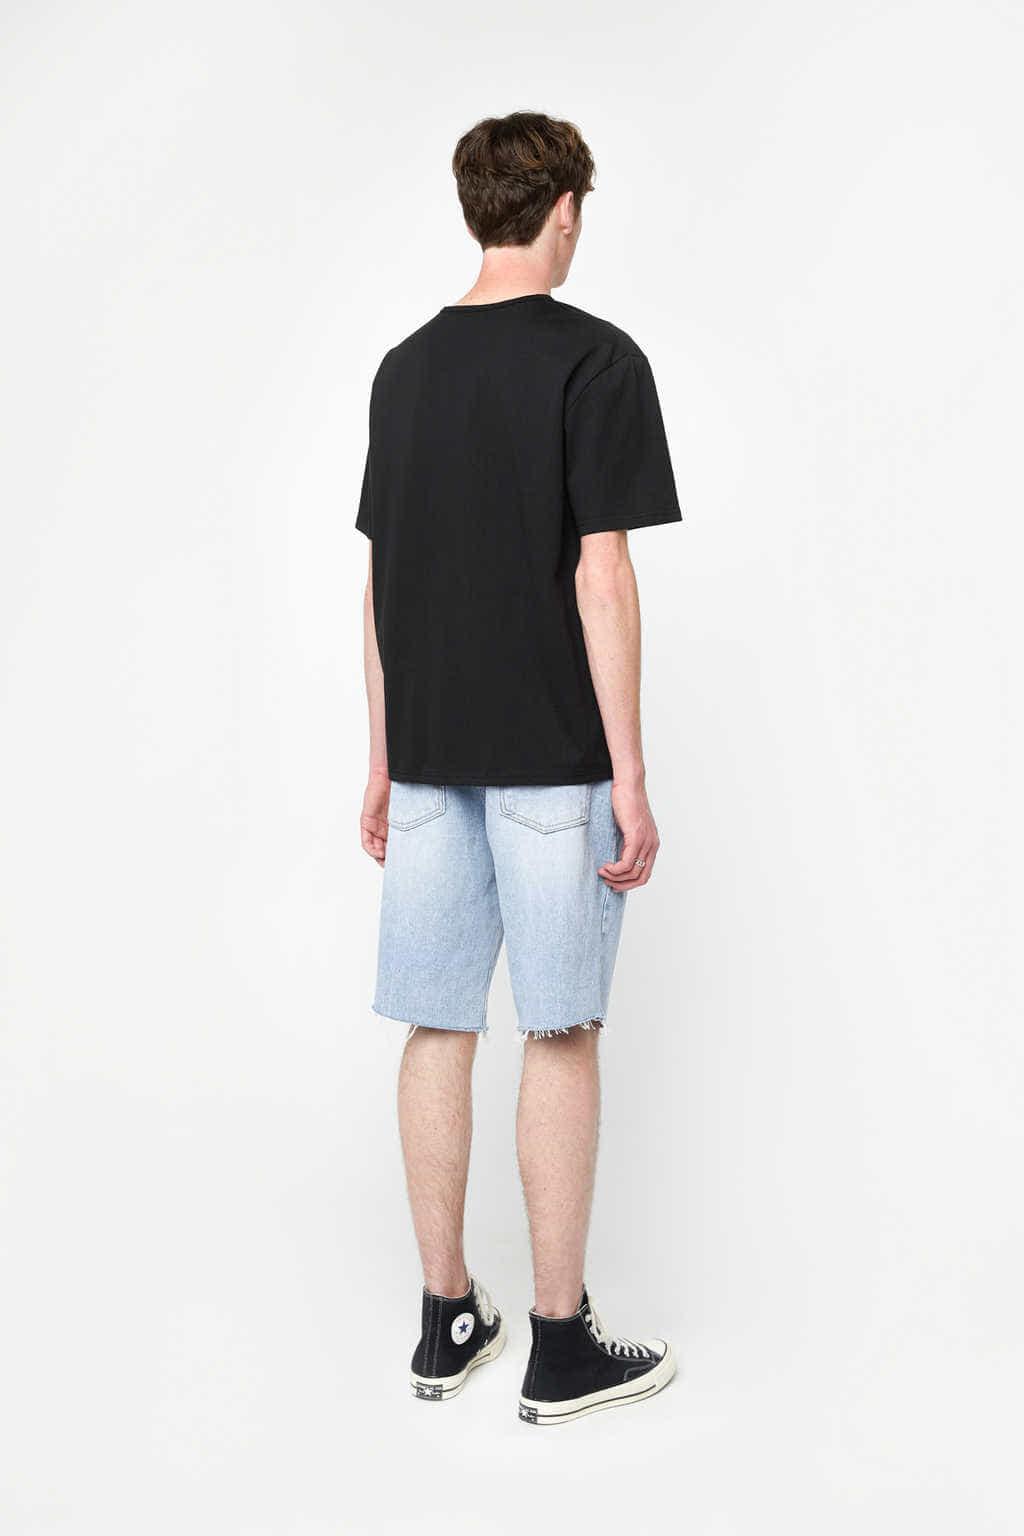 TShirt K011M Black 11